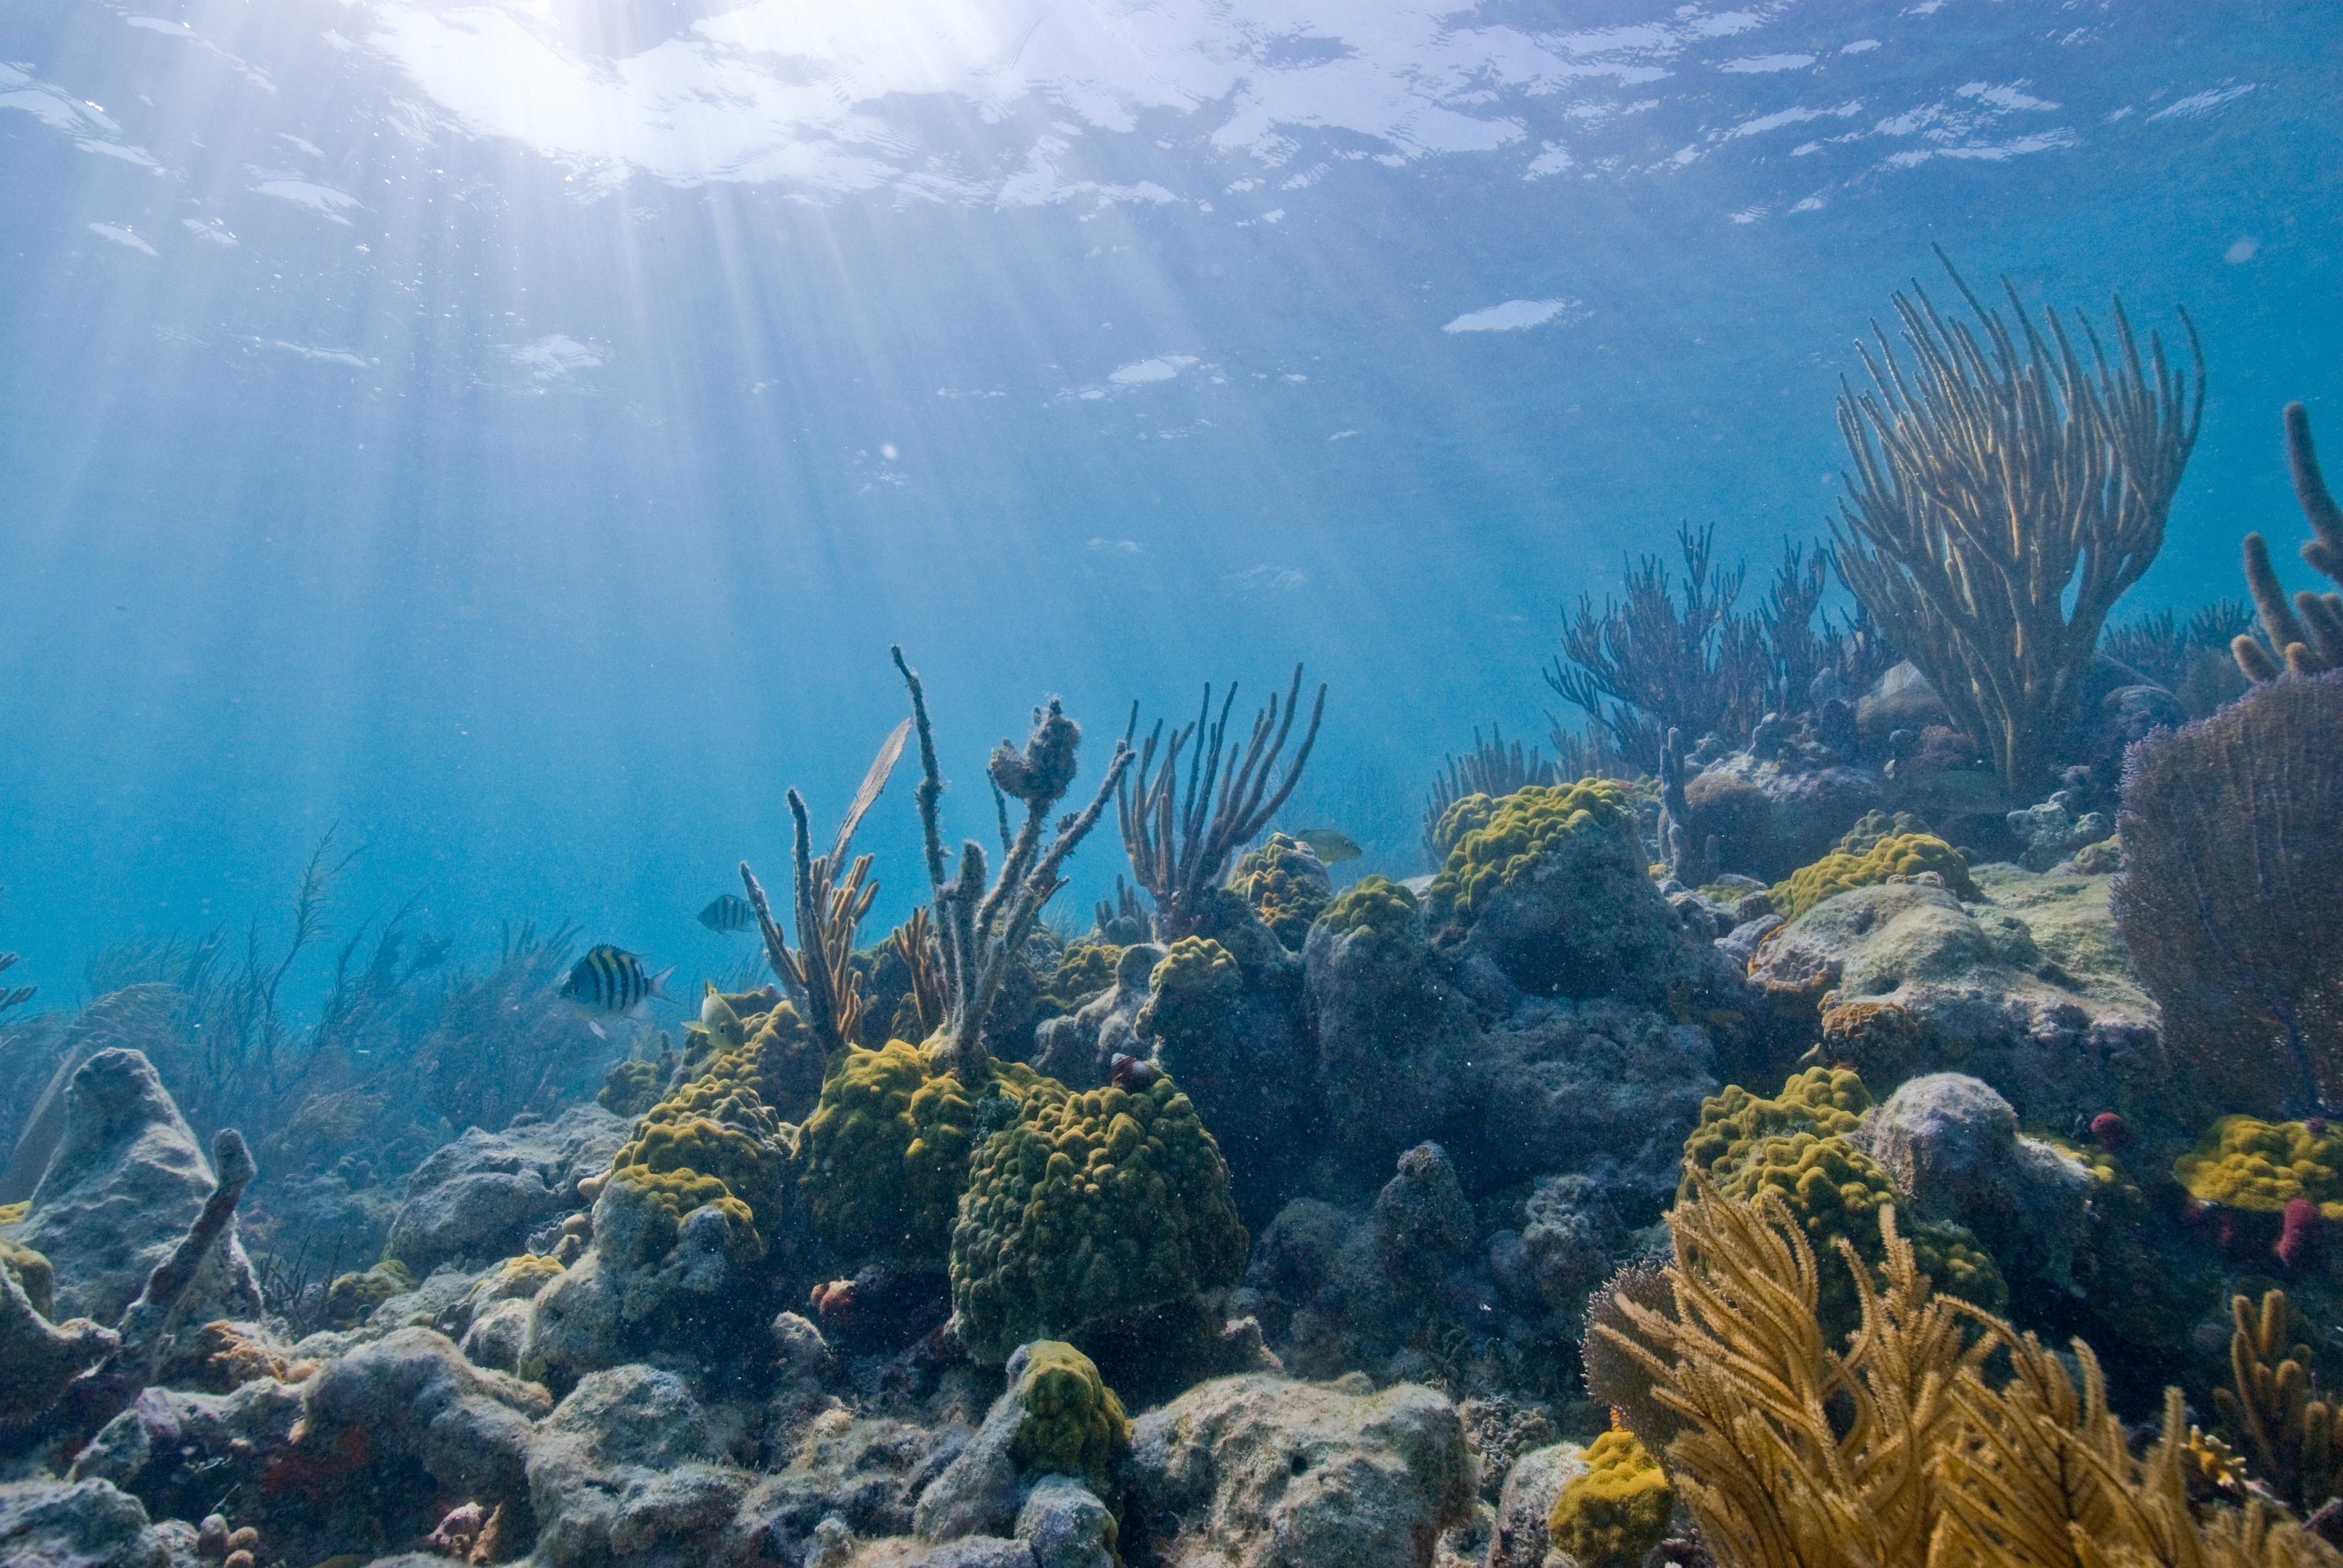 Ocean Floor Wallpapers High Quality